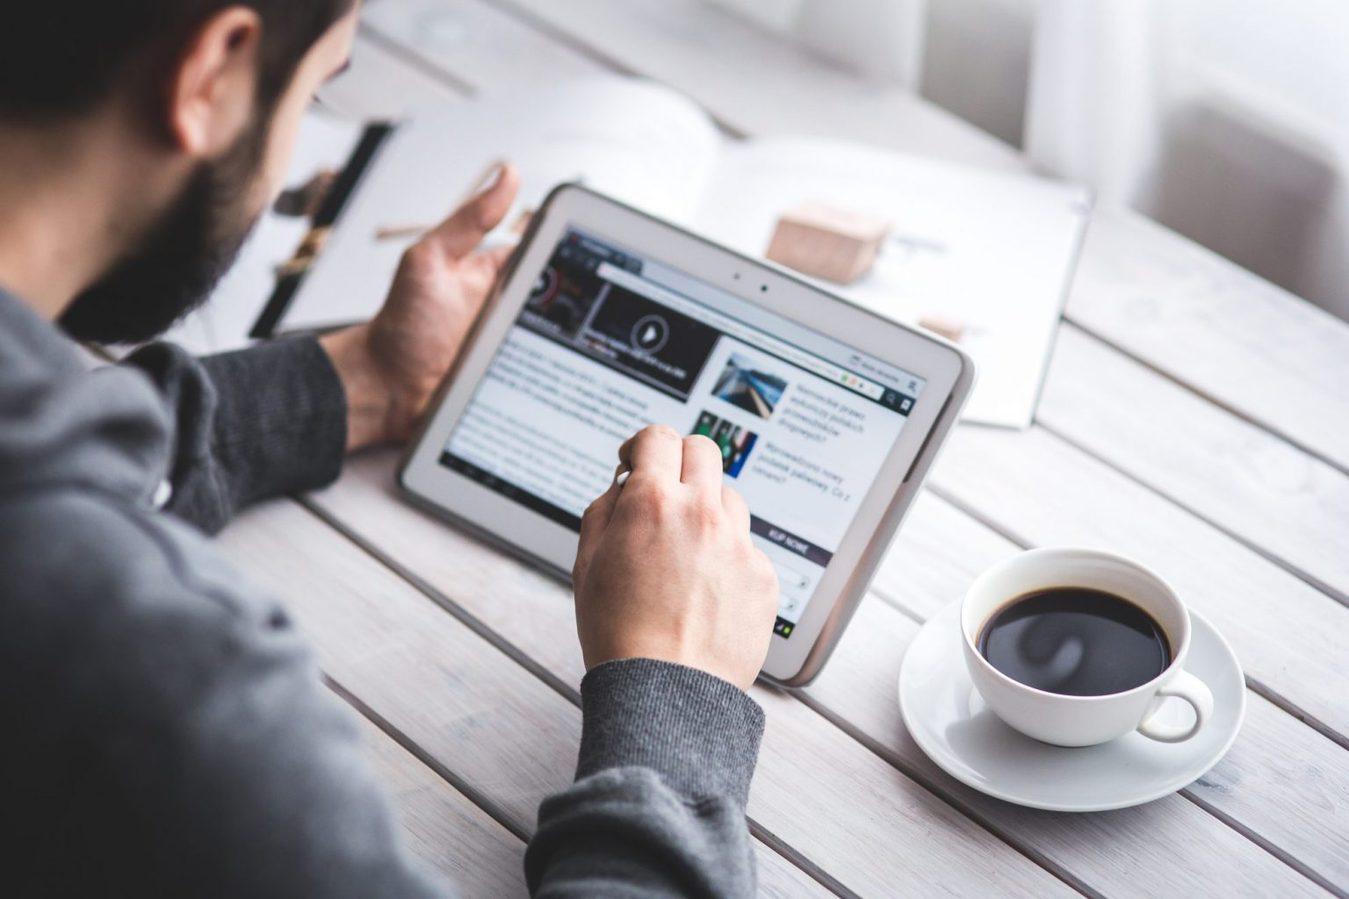 Uomo con una tazza di caffè che legge notizie su un tablet